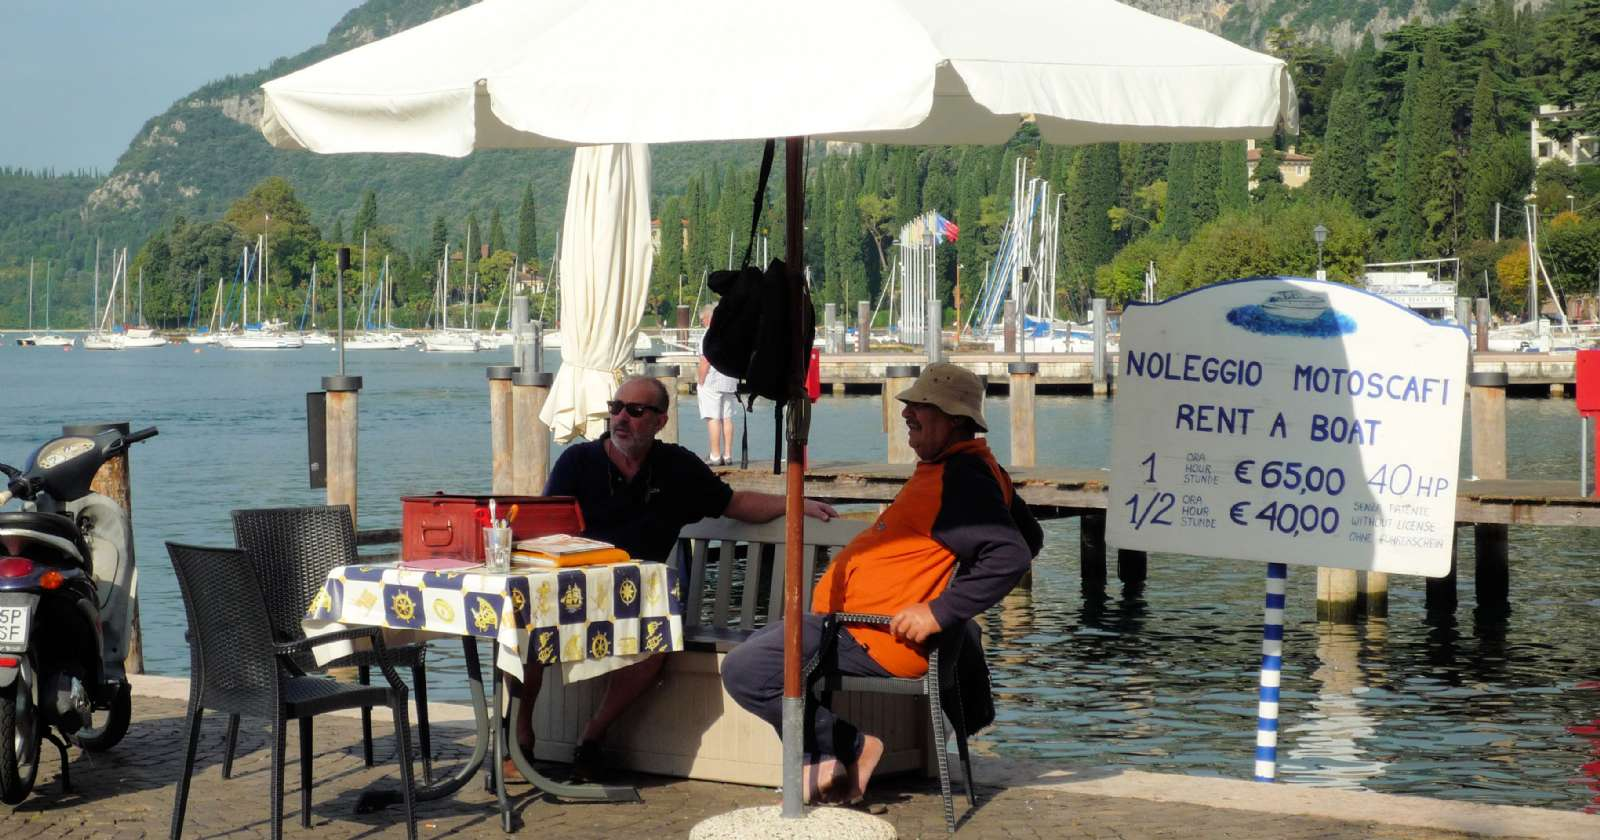 Du kan också hyra din egen båt från hamnen i Garda